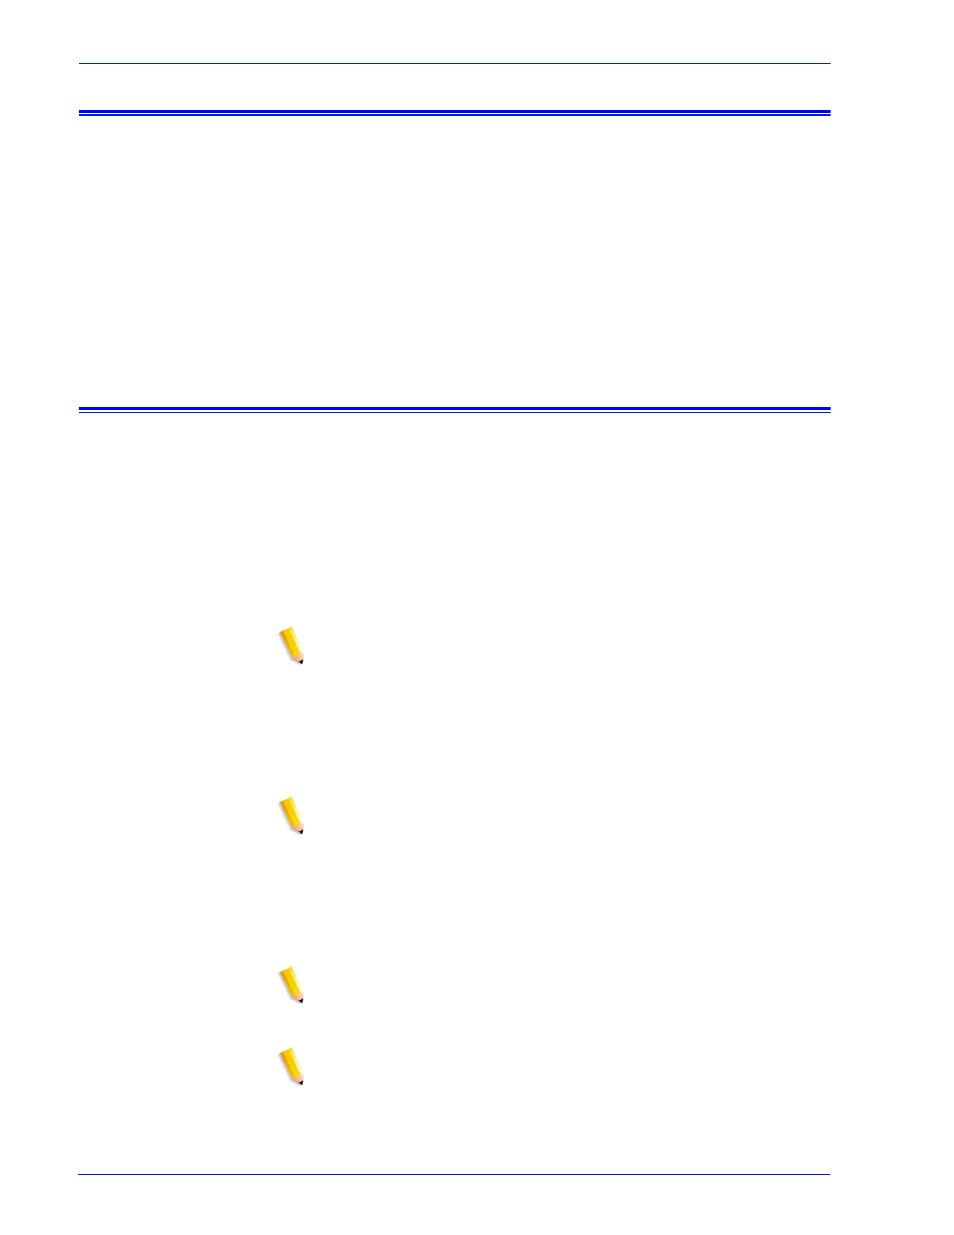 Default screen/auto-logoff, Password security, Default